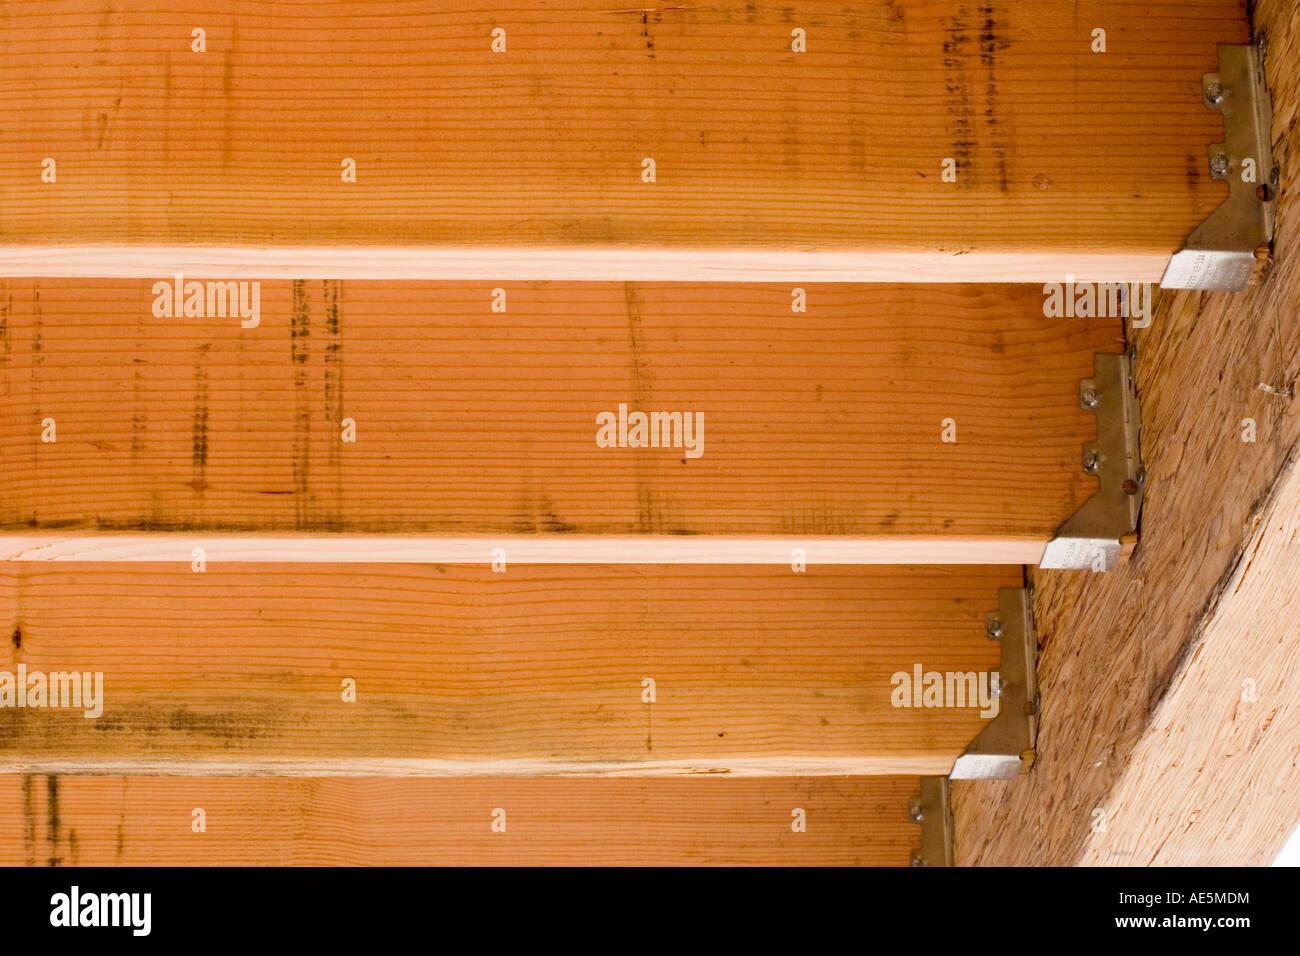 Fußbodenbalken angebracht, um mit Unterzug Kleiderbügeln auf einer Baustelle wohnen renovieren beam Stockbild